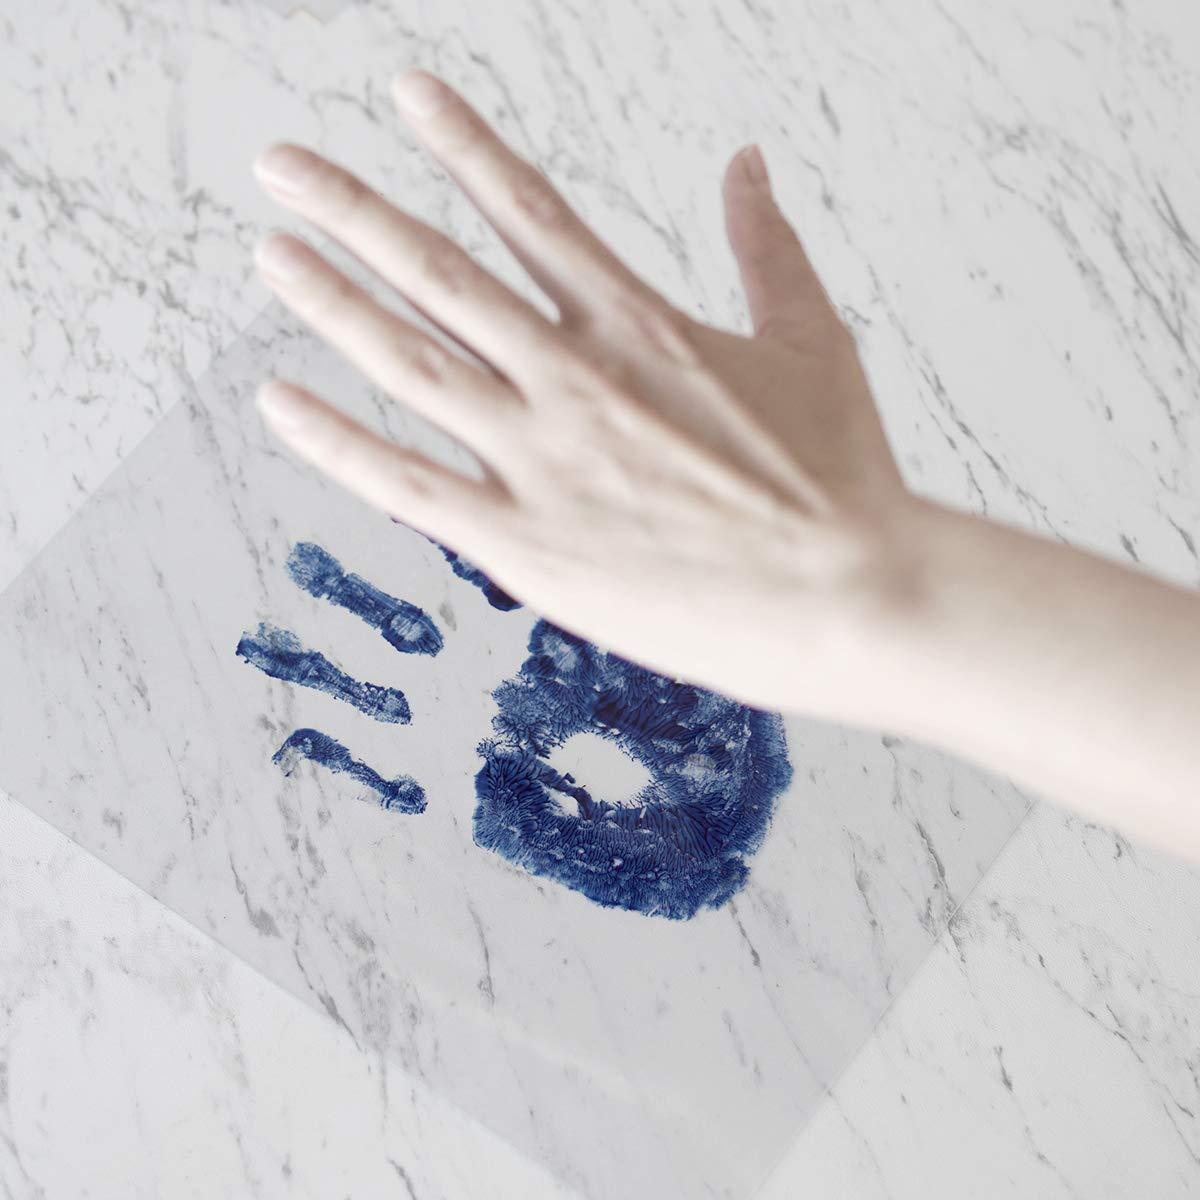 Baby Handprint Keepsake Kit Light Box Print Your all Family Hands Family Art Handprint Touch Frame with Led Light